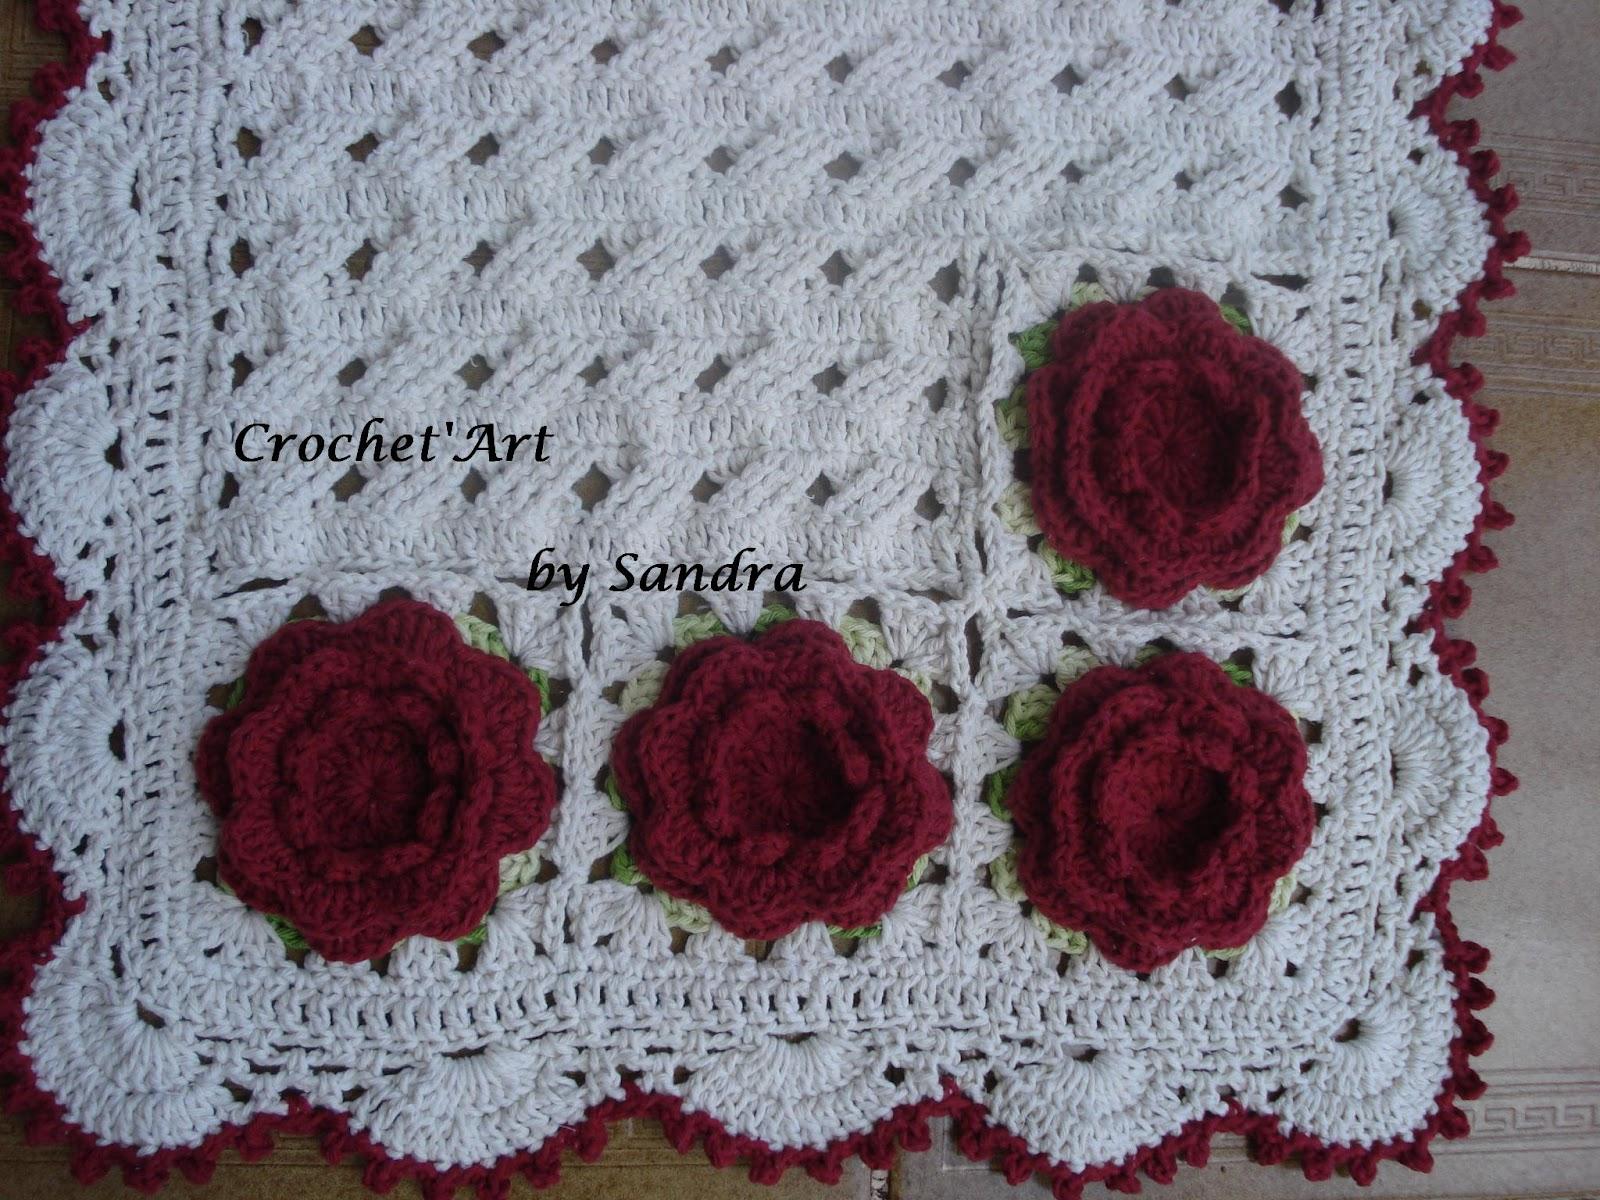 Postado por Crochet'Art às 17:22